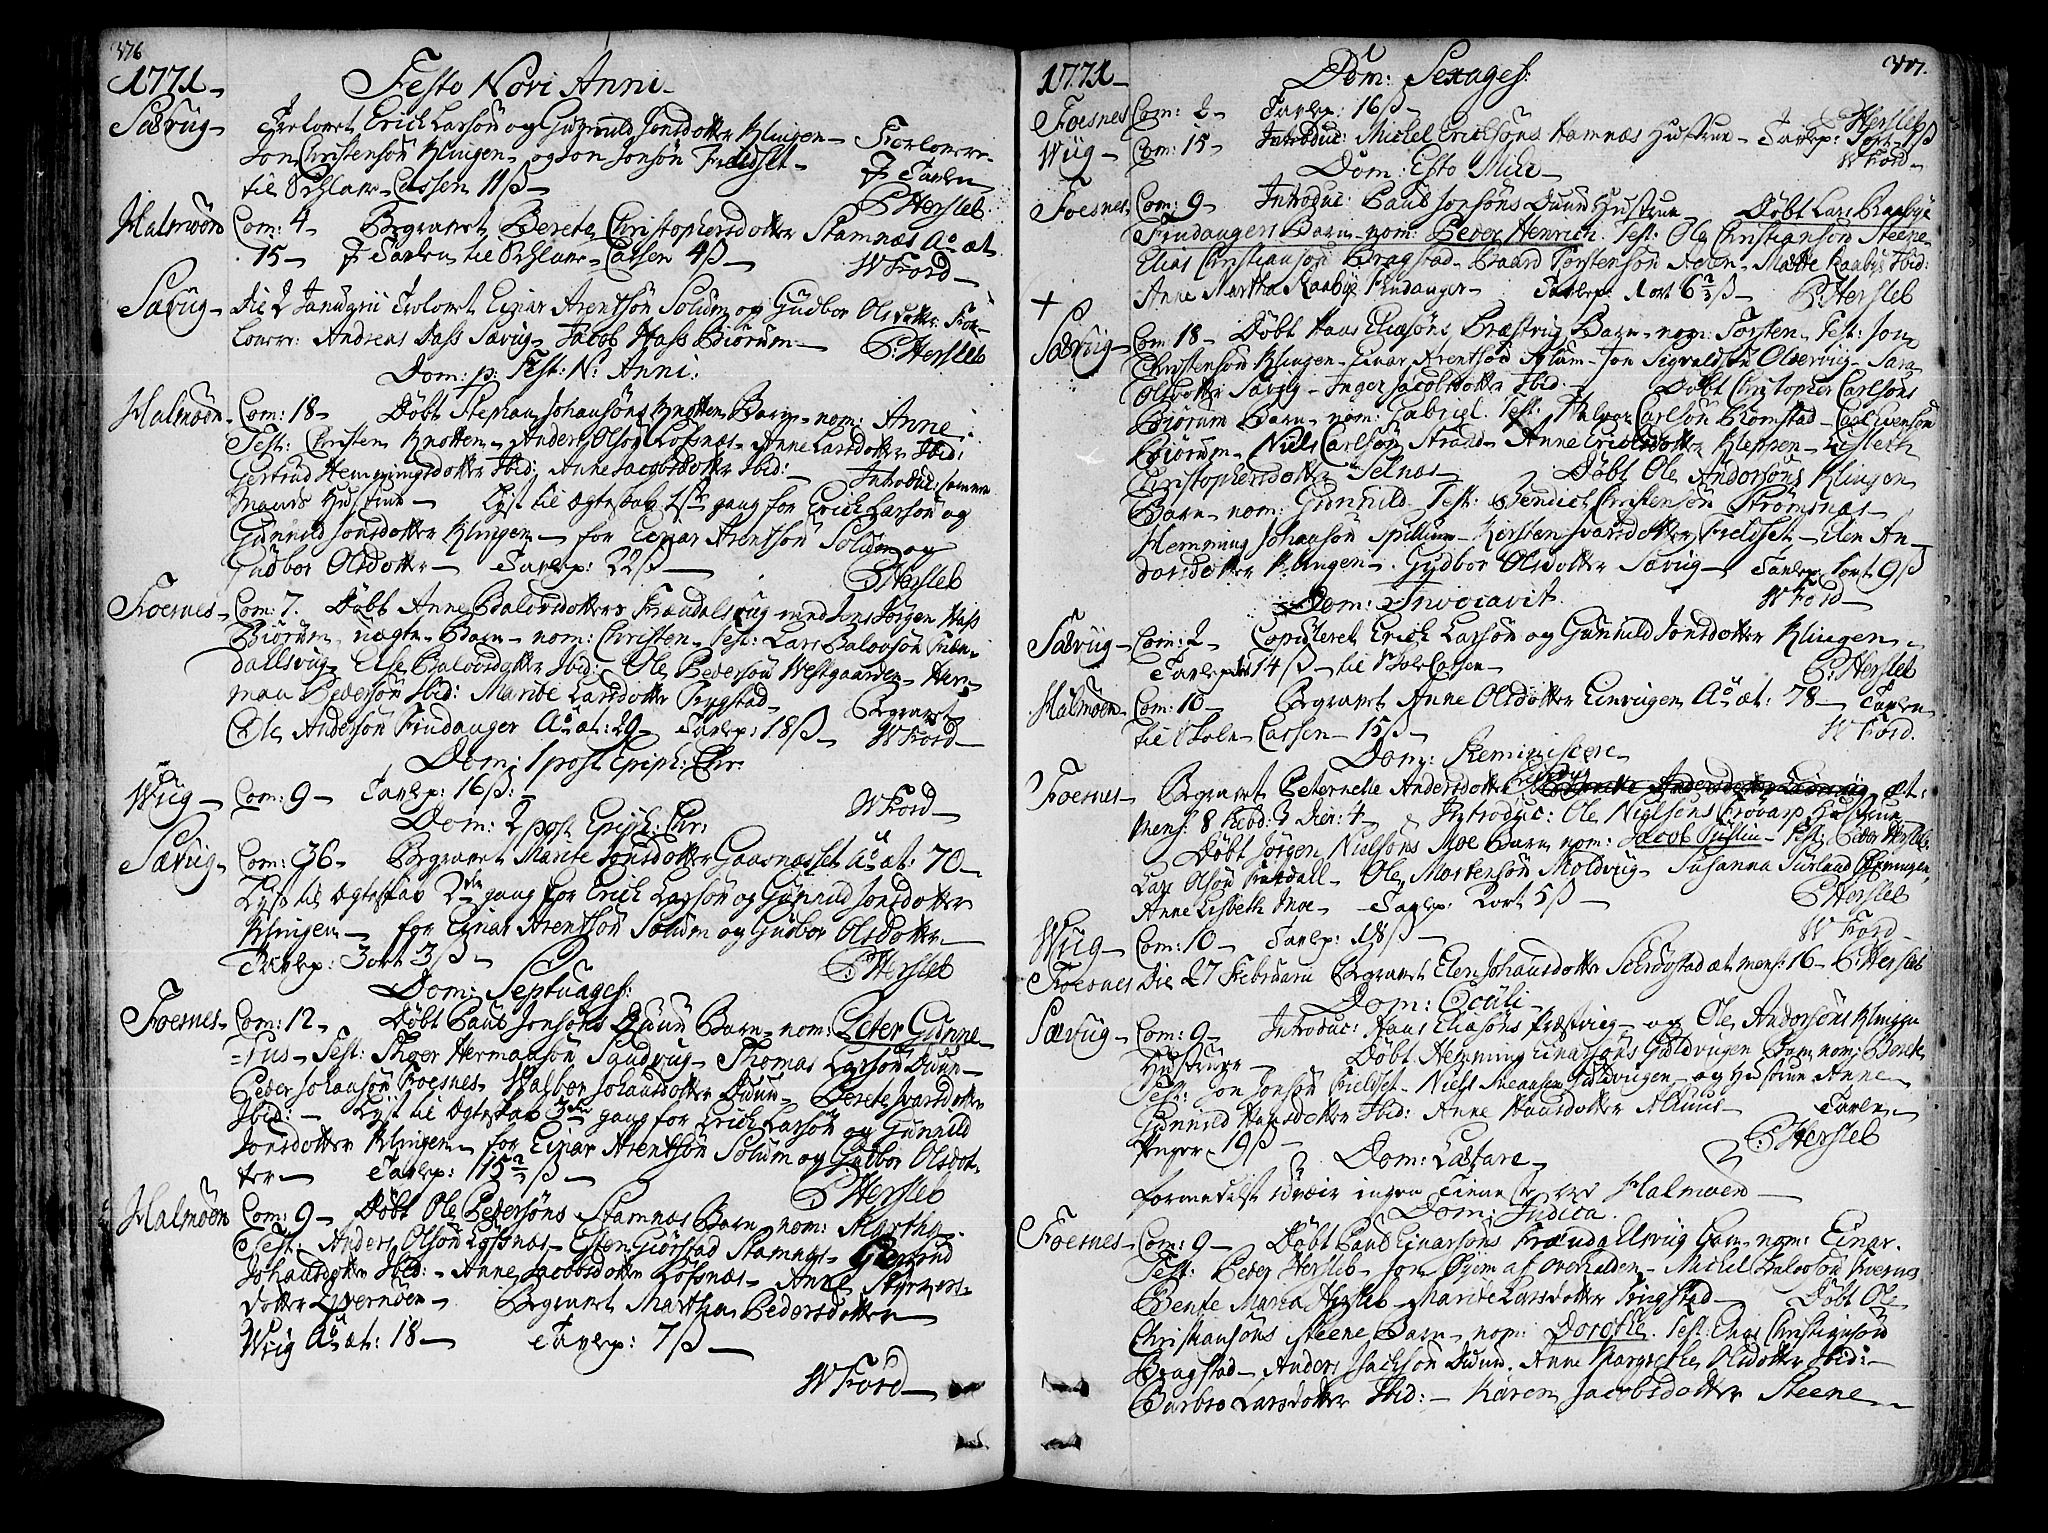 SAT, Ministerialprotokoller, klokkerbøker og fødselsregistre - Nord-Trøndelag, 773/L0607: Ministerialbok nr. 773A01, 1751-1783, s. 376-377